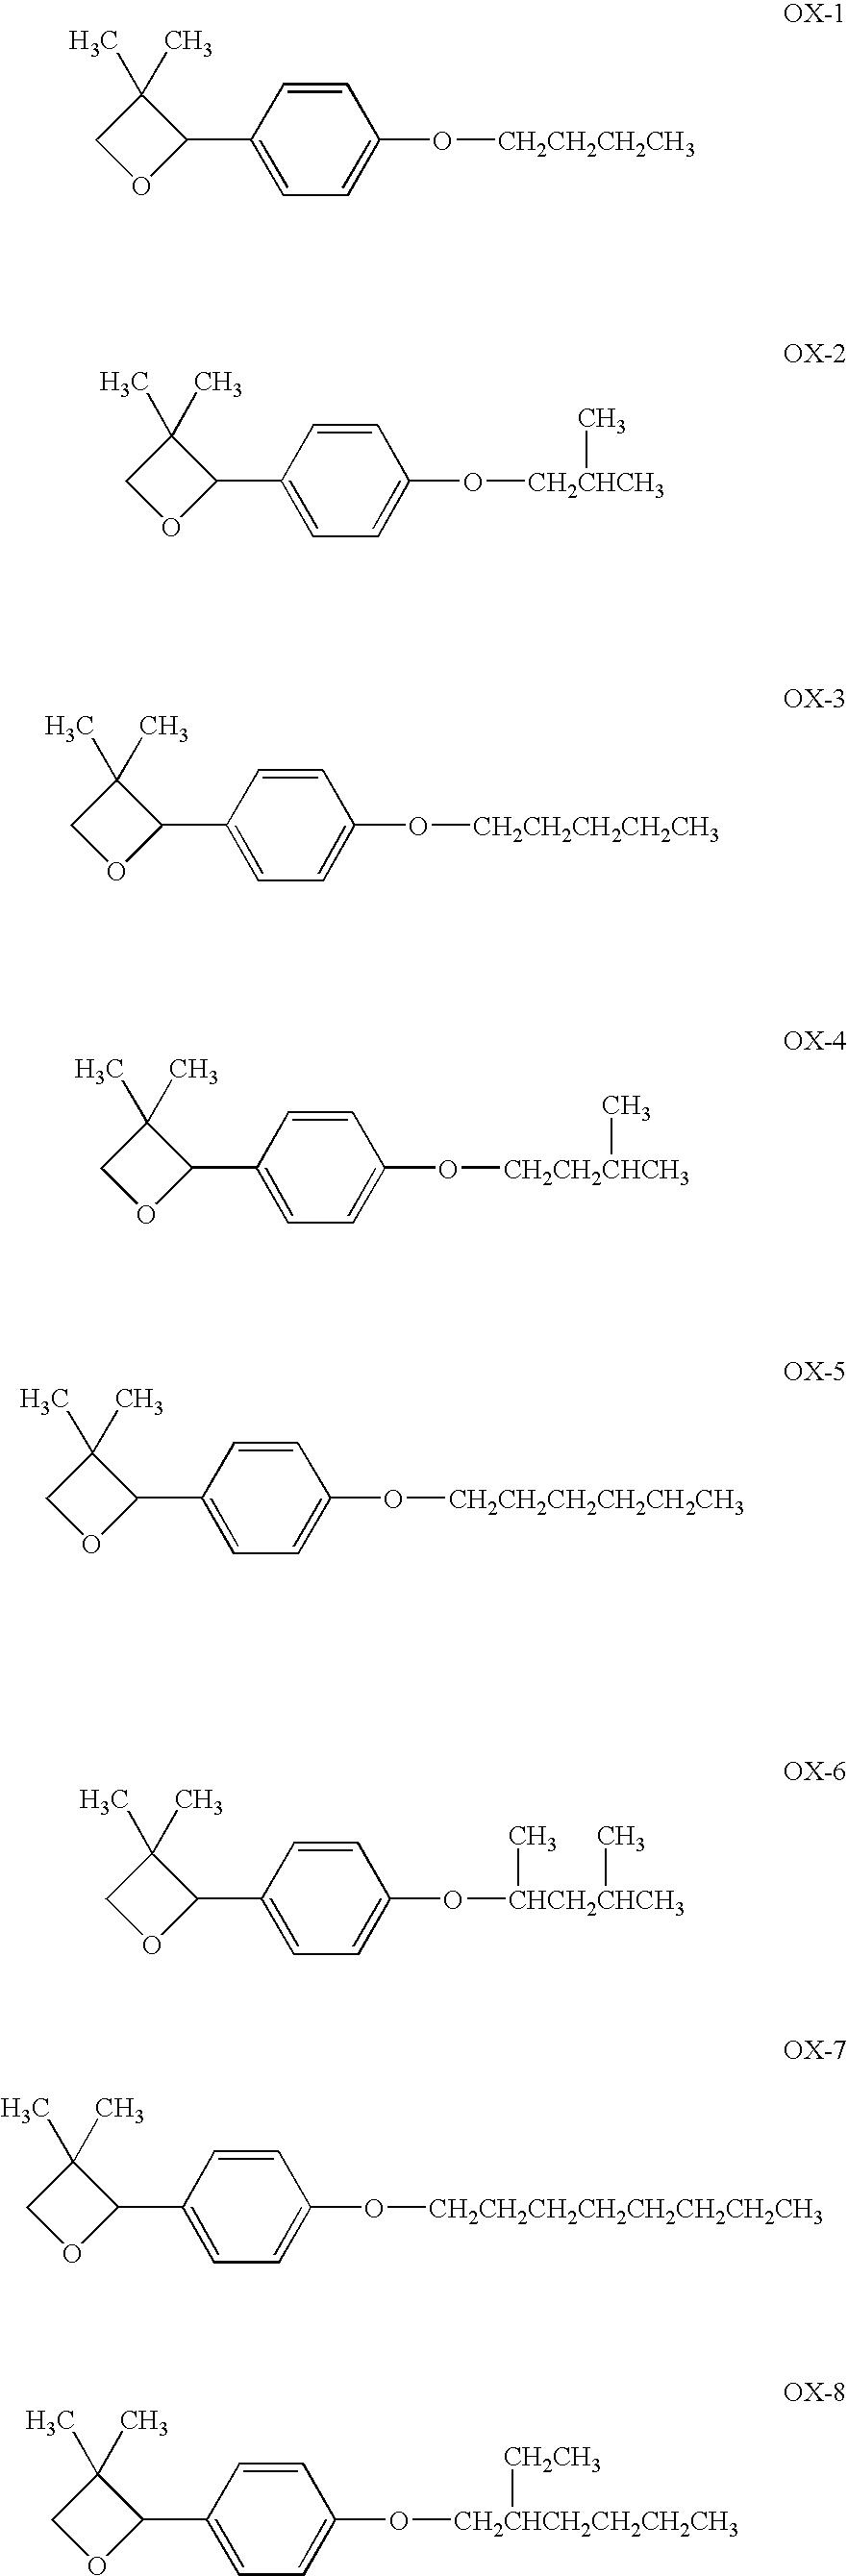 Figure US07360883-20080422-C00010